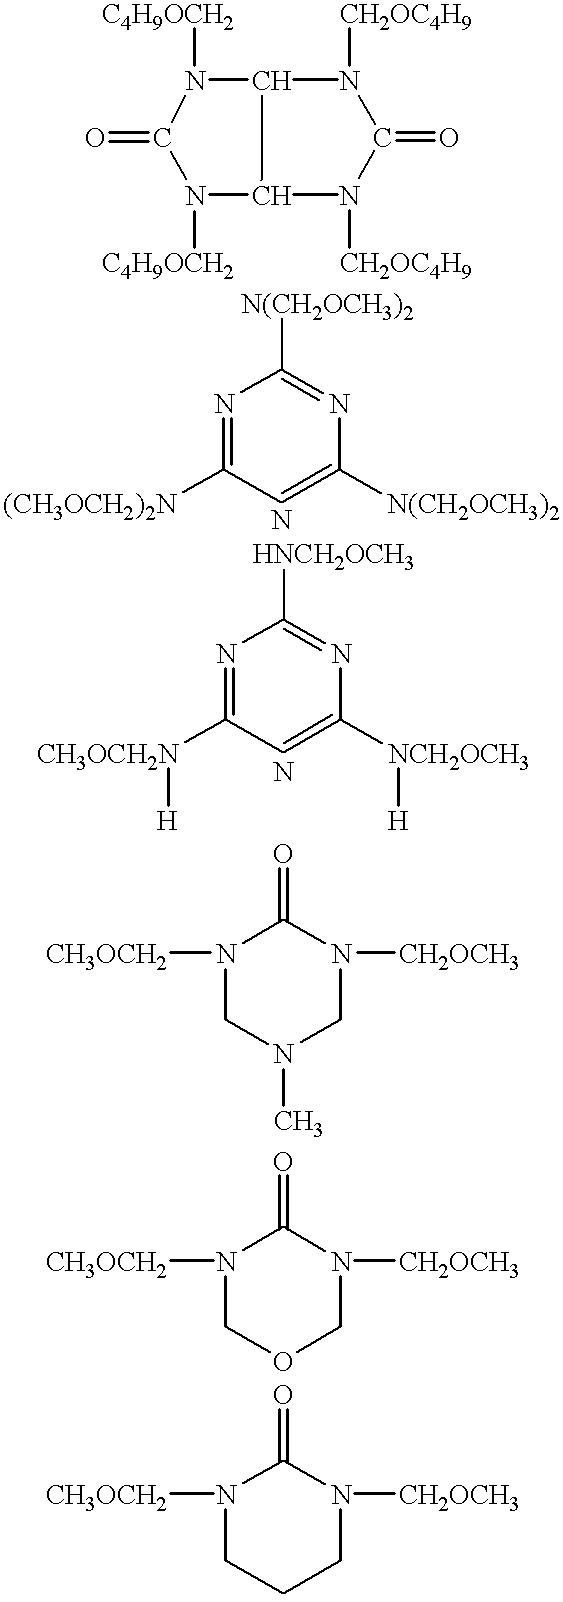 Figure US20010003034A1-20010607-C00001